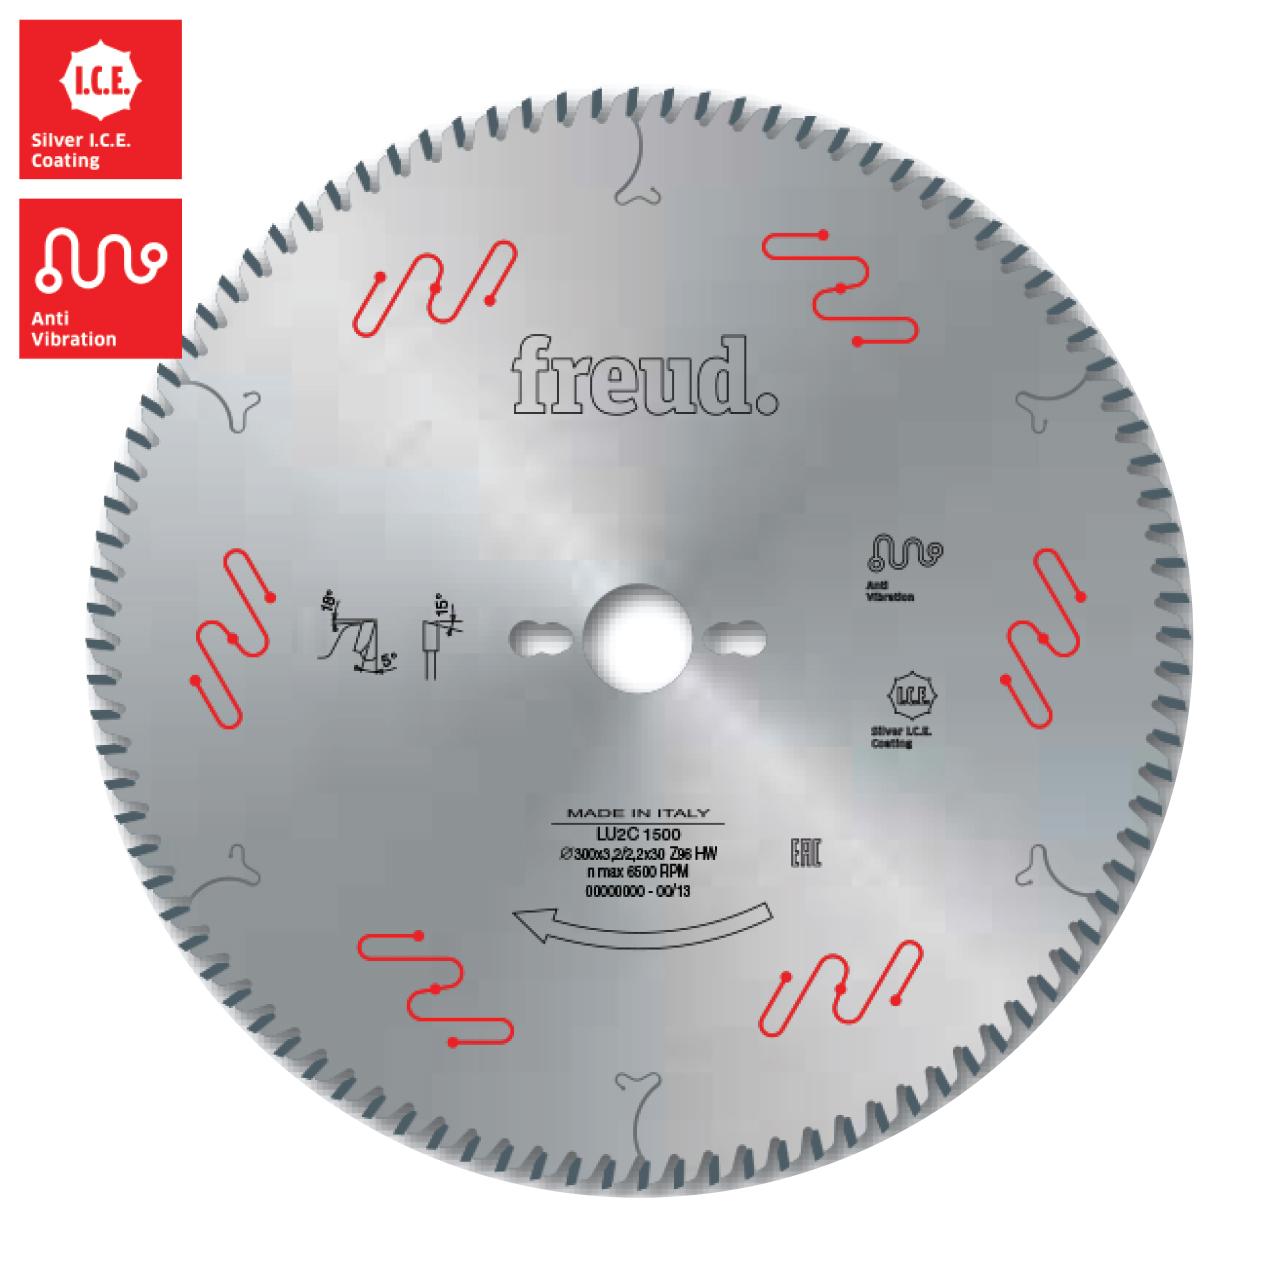 ใบเลื่อยวงเดือน 10 นิ้ว 80 ฟัน FREUD LU2C1101A (สำหรับตัดไม้เนื้อแข็ง ไม้ผสม และแผ่นอะคริลิค)